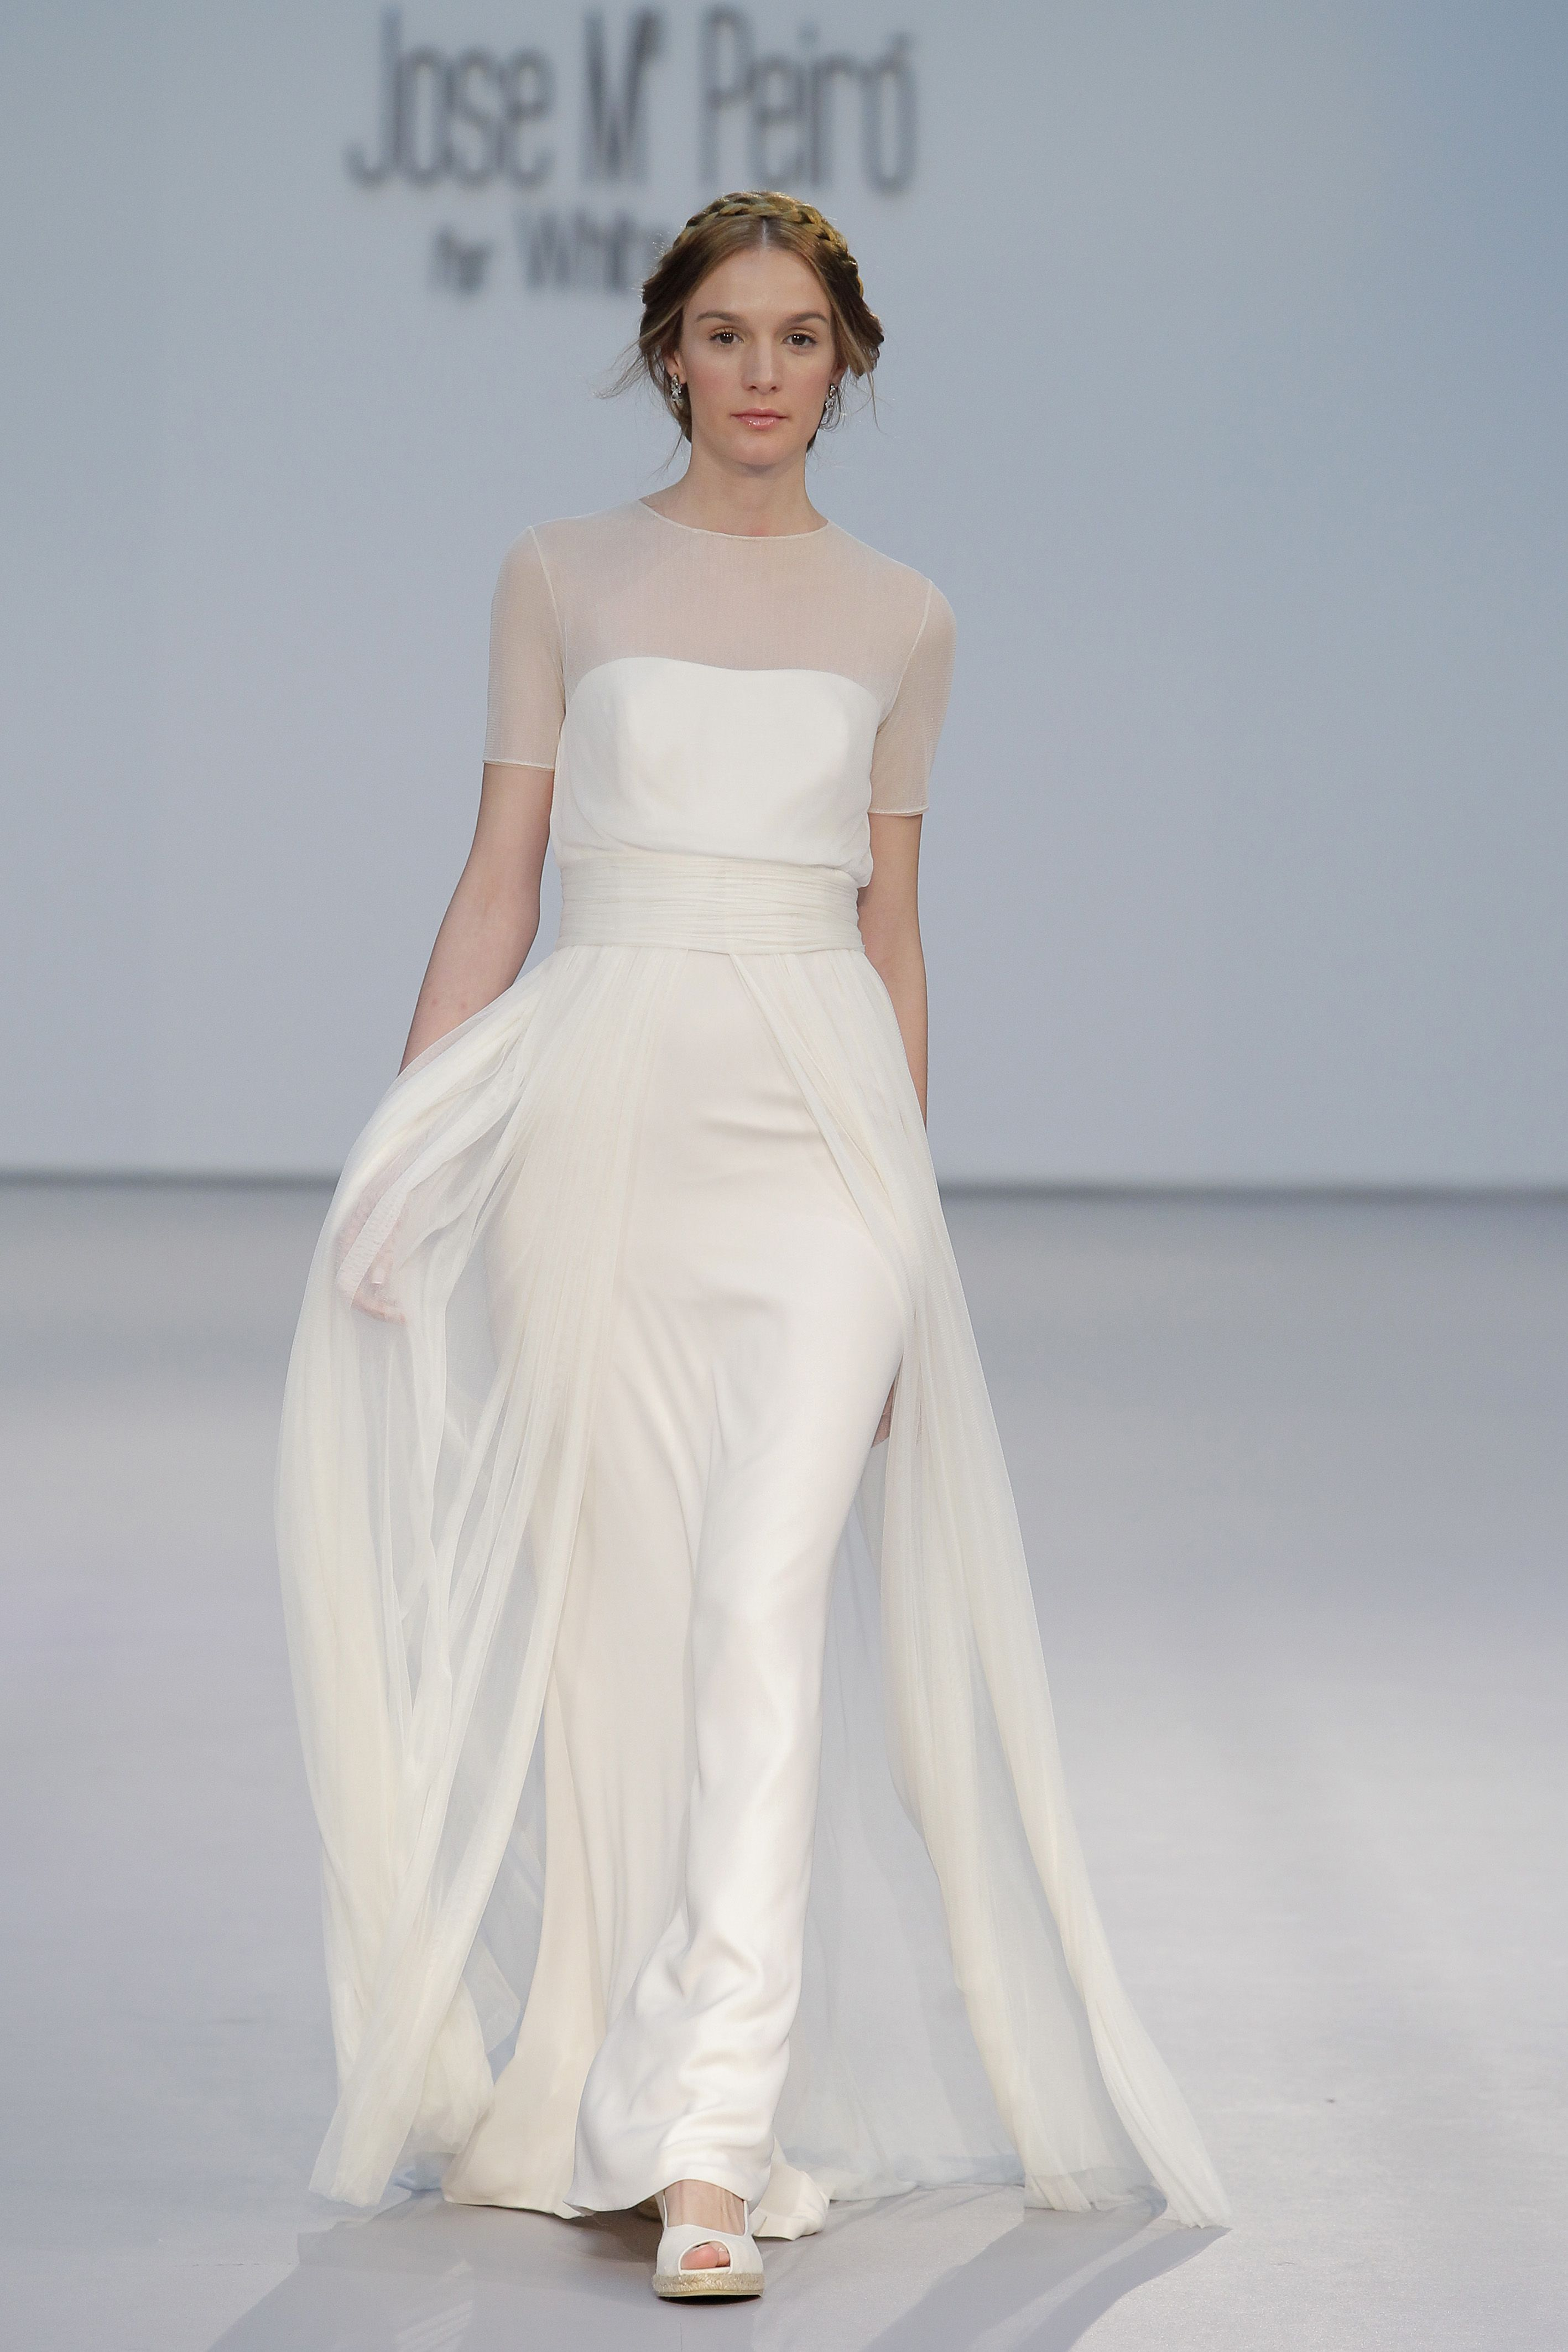 imagenes vestidos de novia Jose maria peiro 2017 | Wedding/Bodas ...